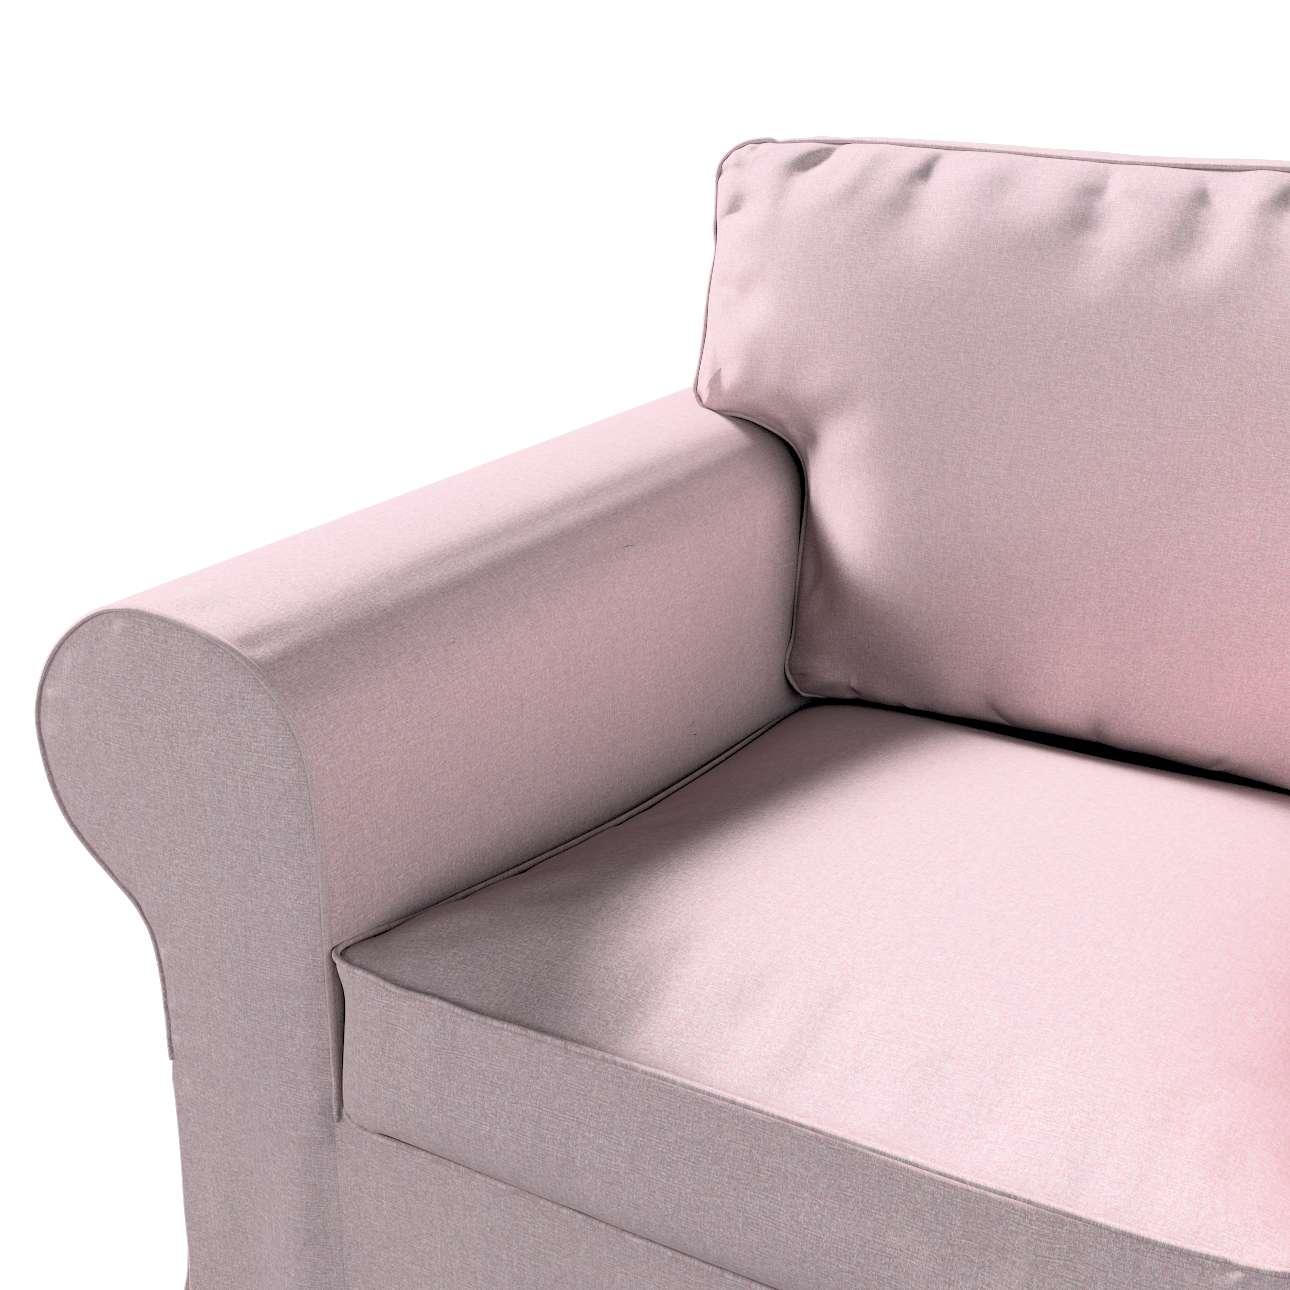 Pokrowiec na fotel Ektorp w kolekcji Amsterdam, tkanina: 704-51